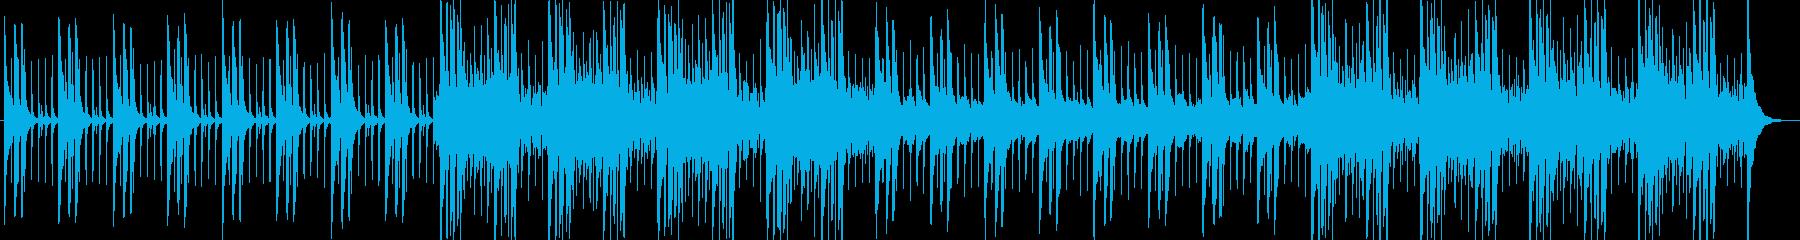 妖しげな曲の再生済みの波形